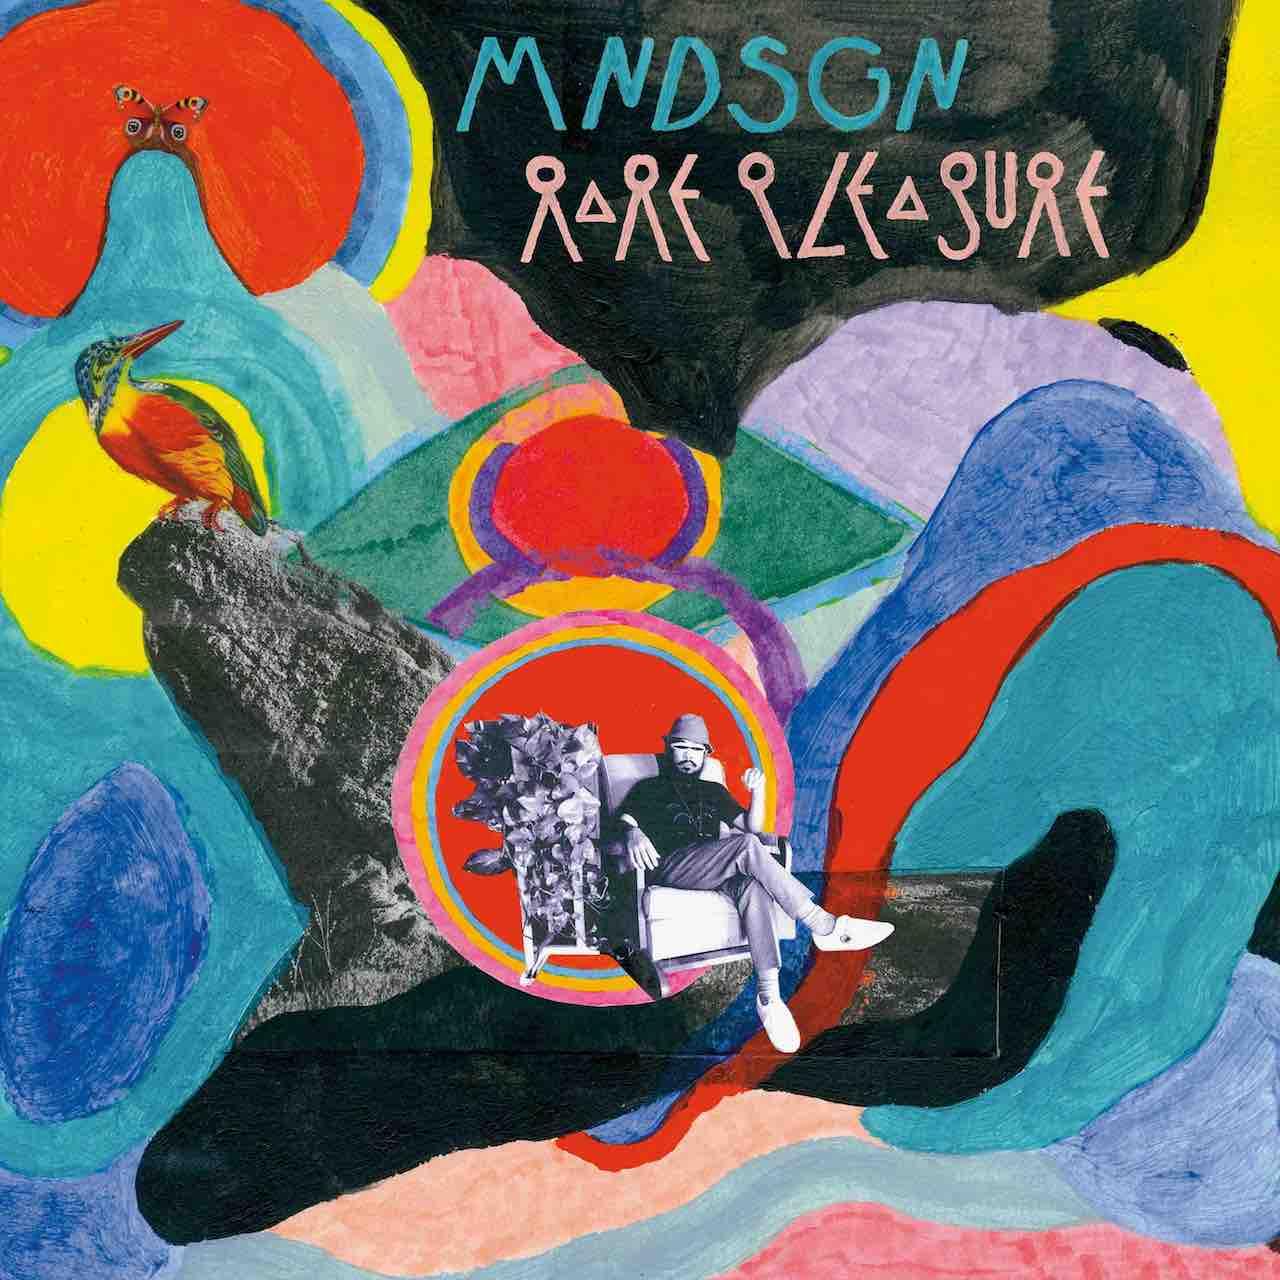 Mndsgn『Rare Pleasure』を徹底解剖!インタビューやCHAIの質問、歌詞対訳から作品を紐解く interview2107-mndsgn-rare-pleasure-8